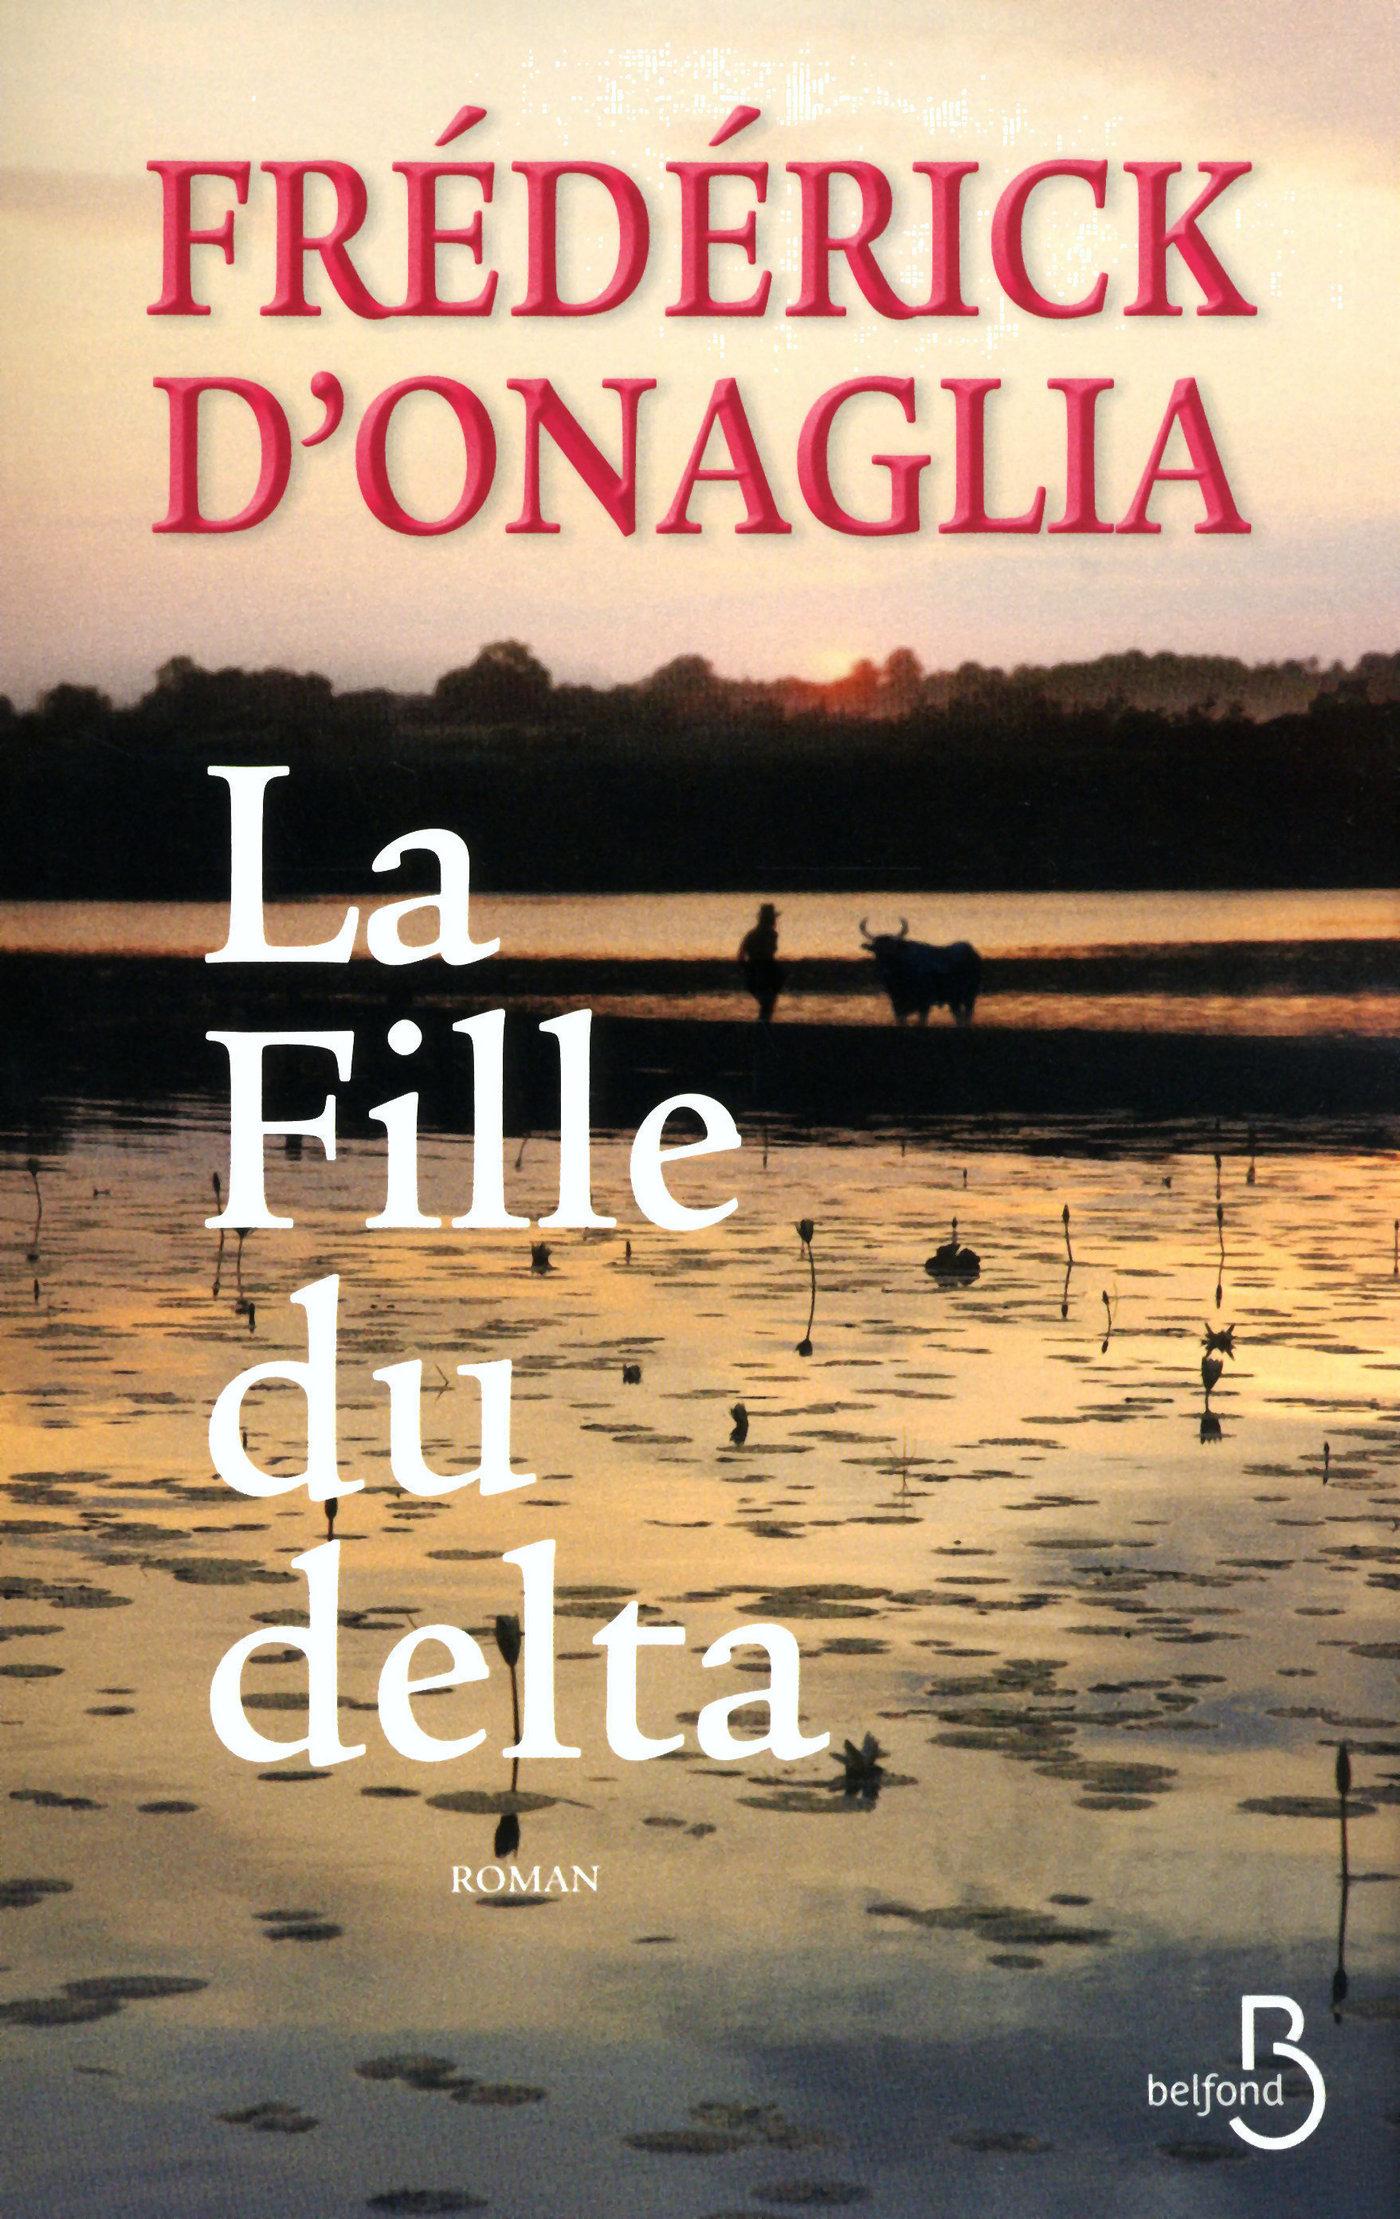 La Fille du delta | ONAGLIA, Frédérick d'